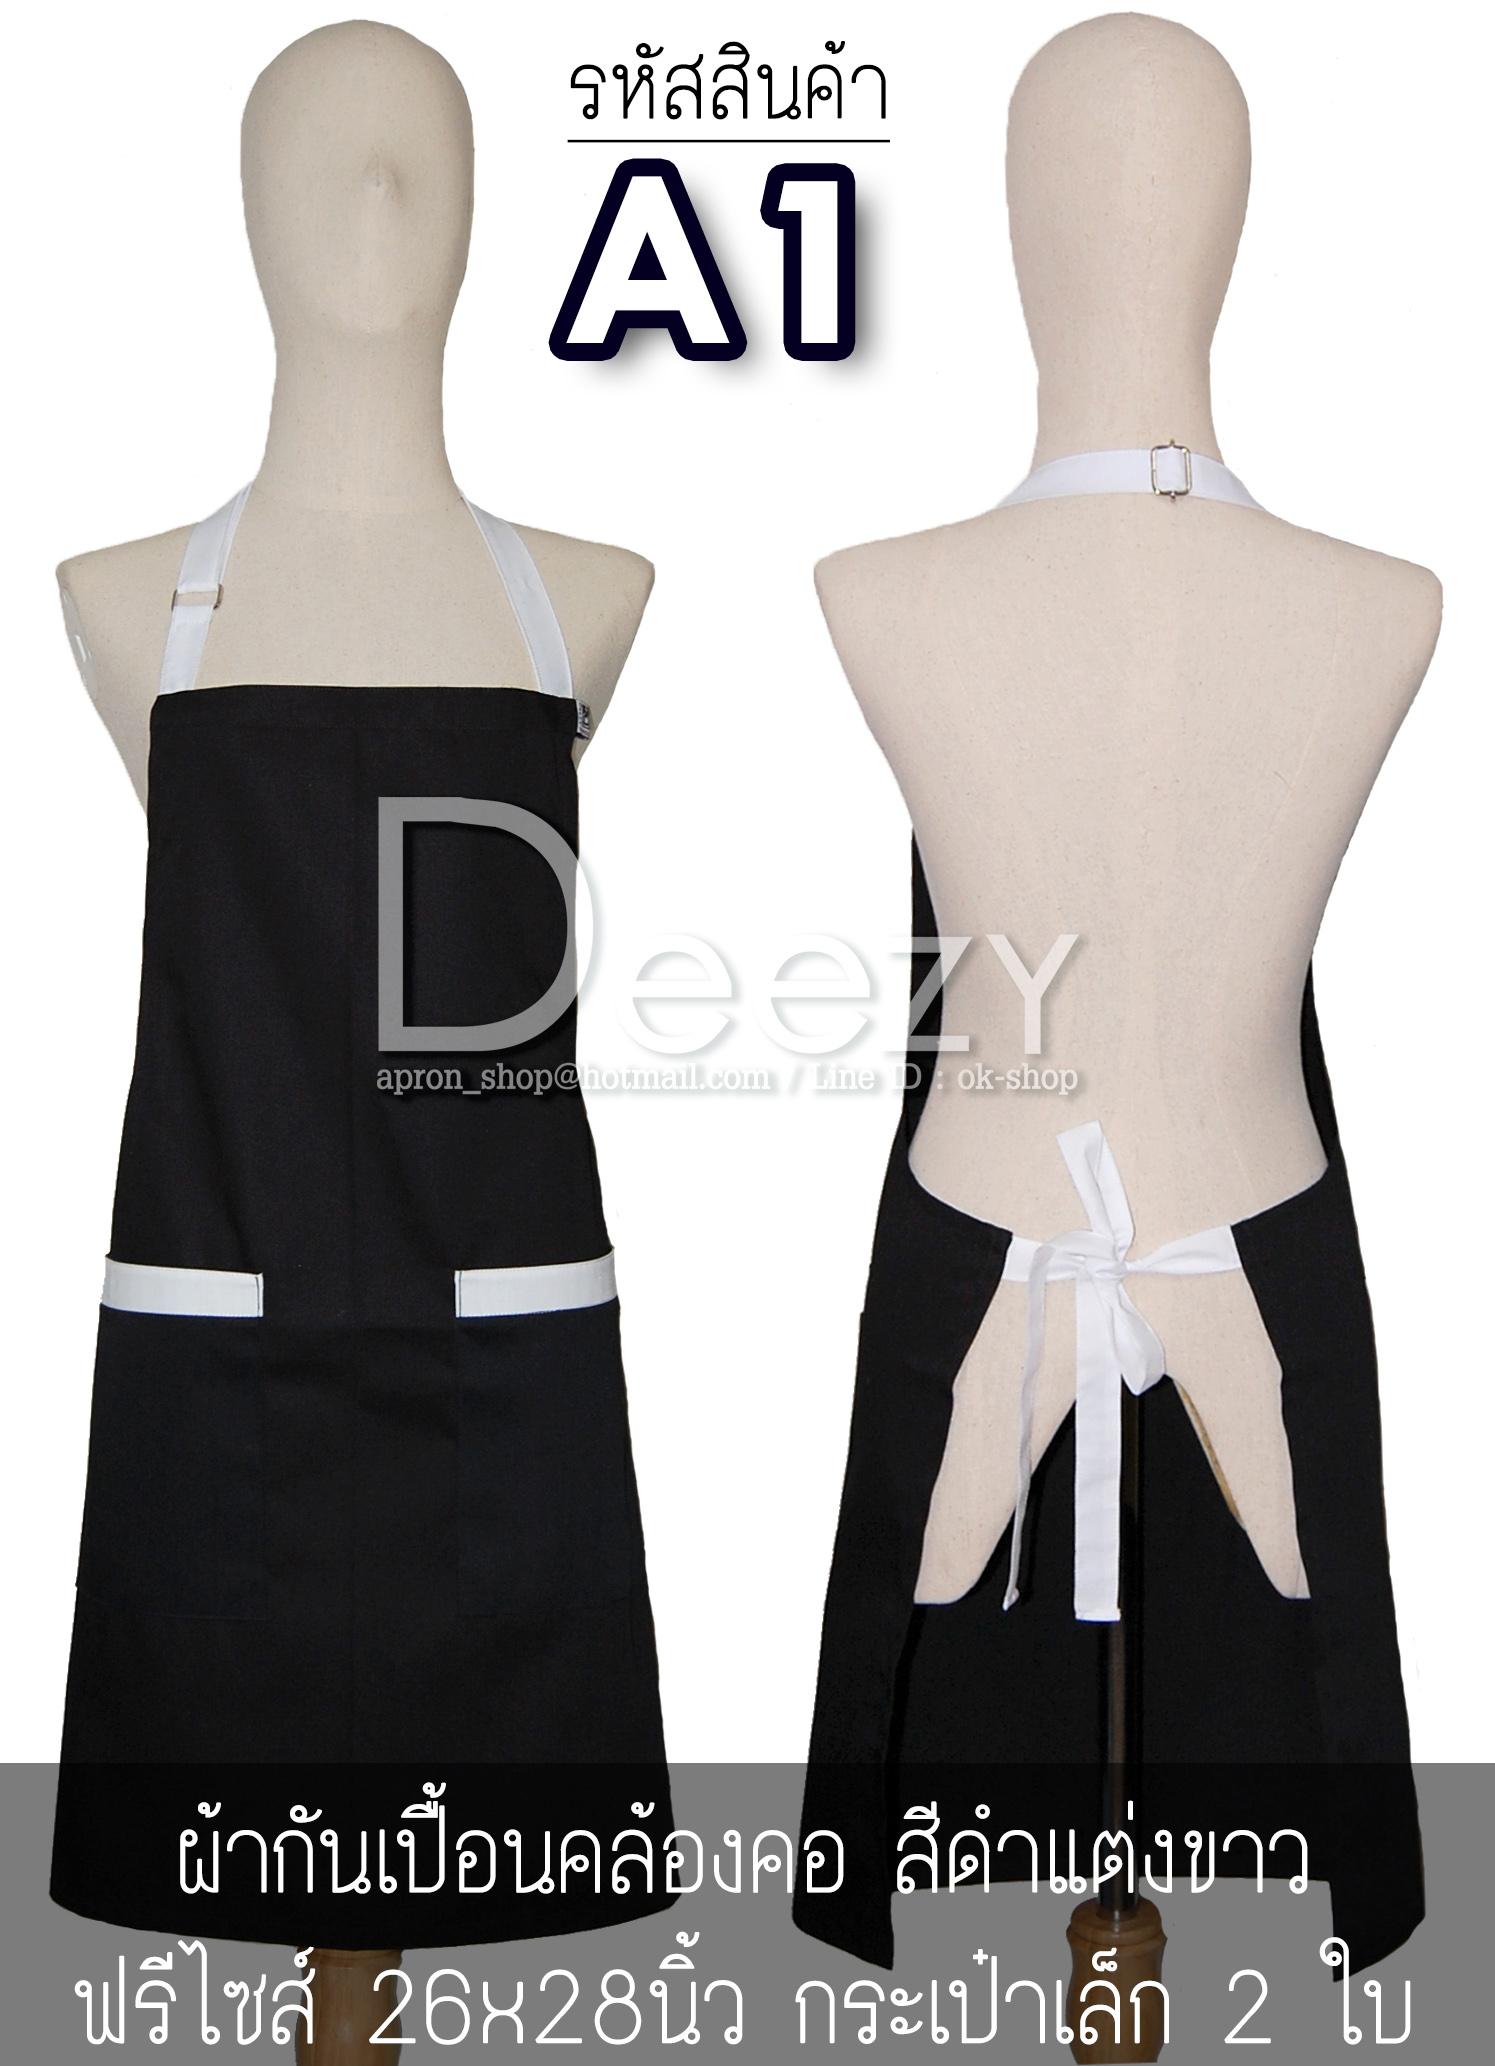 ผ้ากันเปื้อนคล้องคอ สีดำแต่งสายสีขาว 2 กระเป๋า